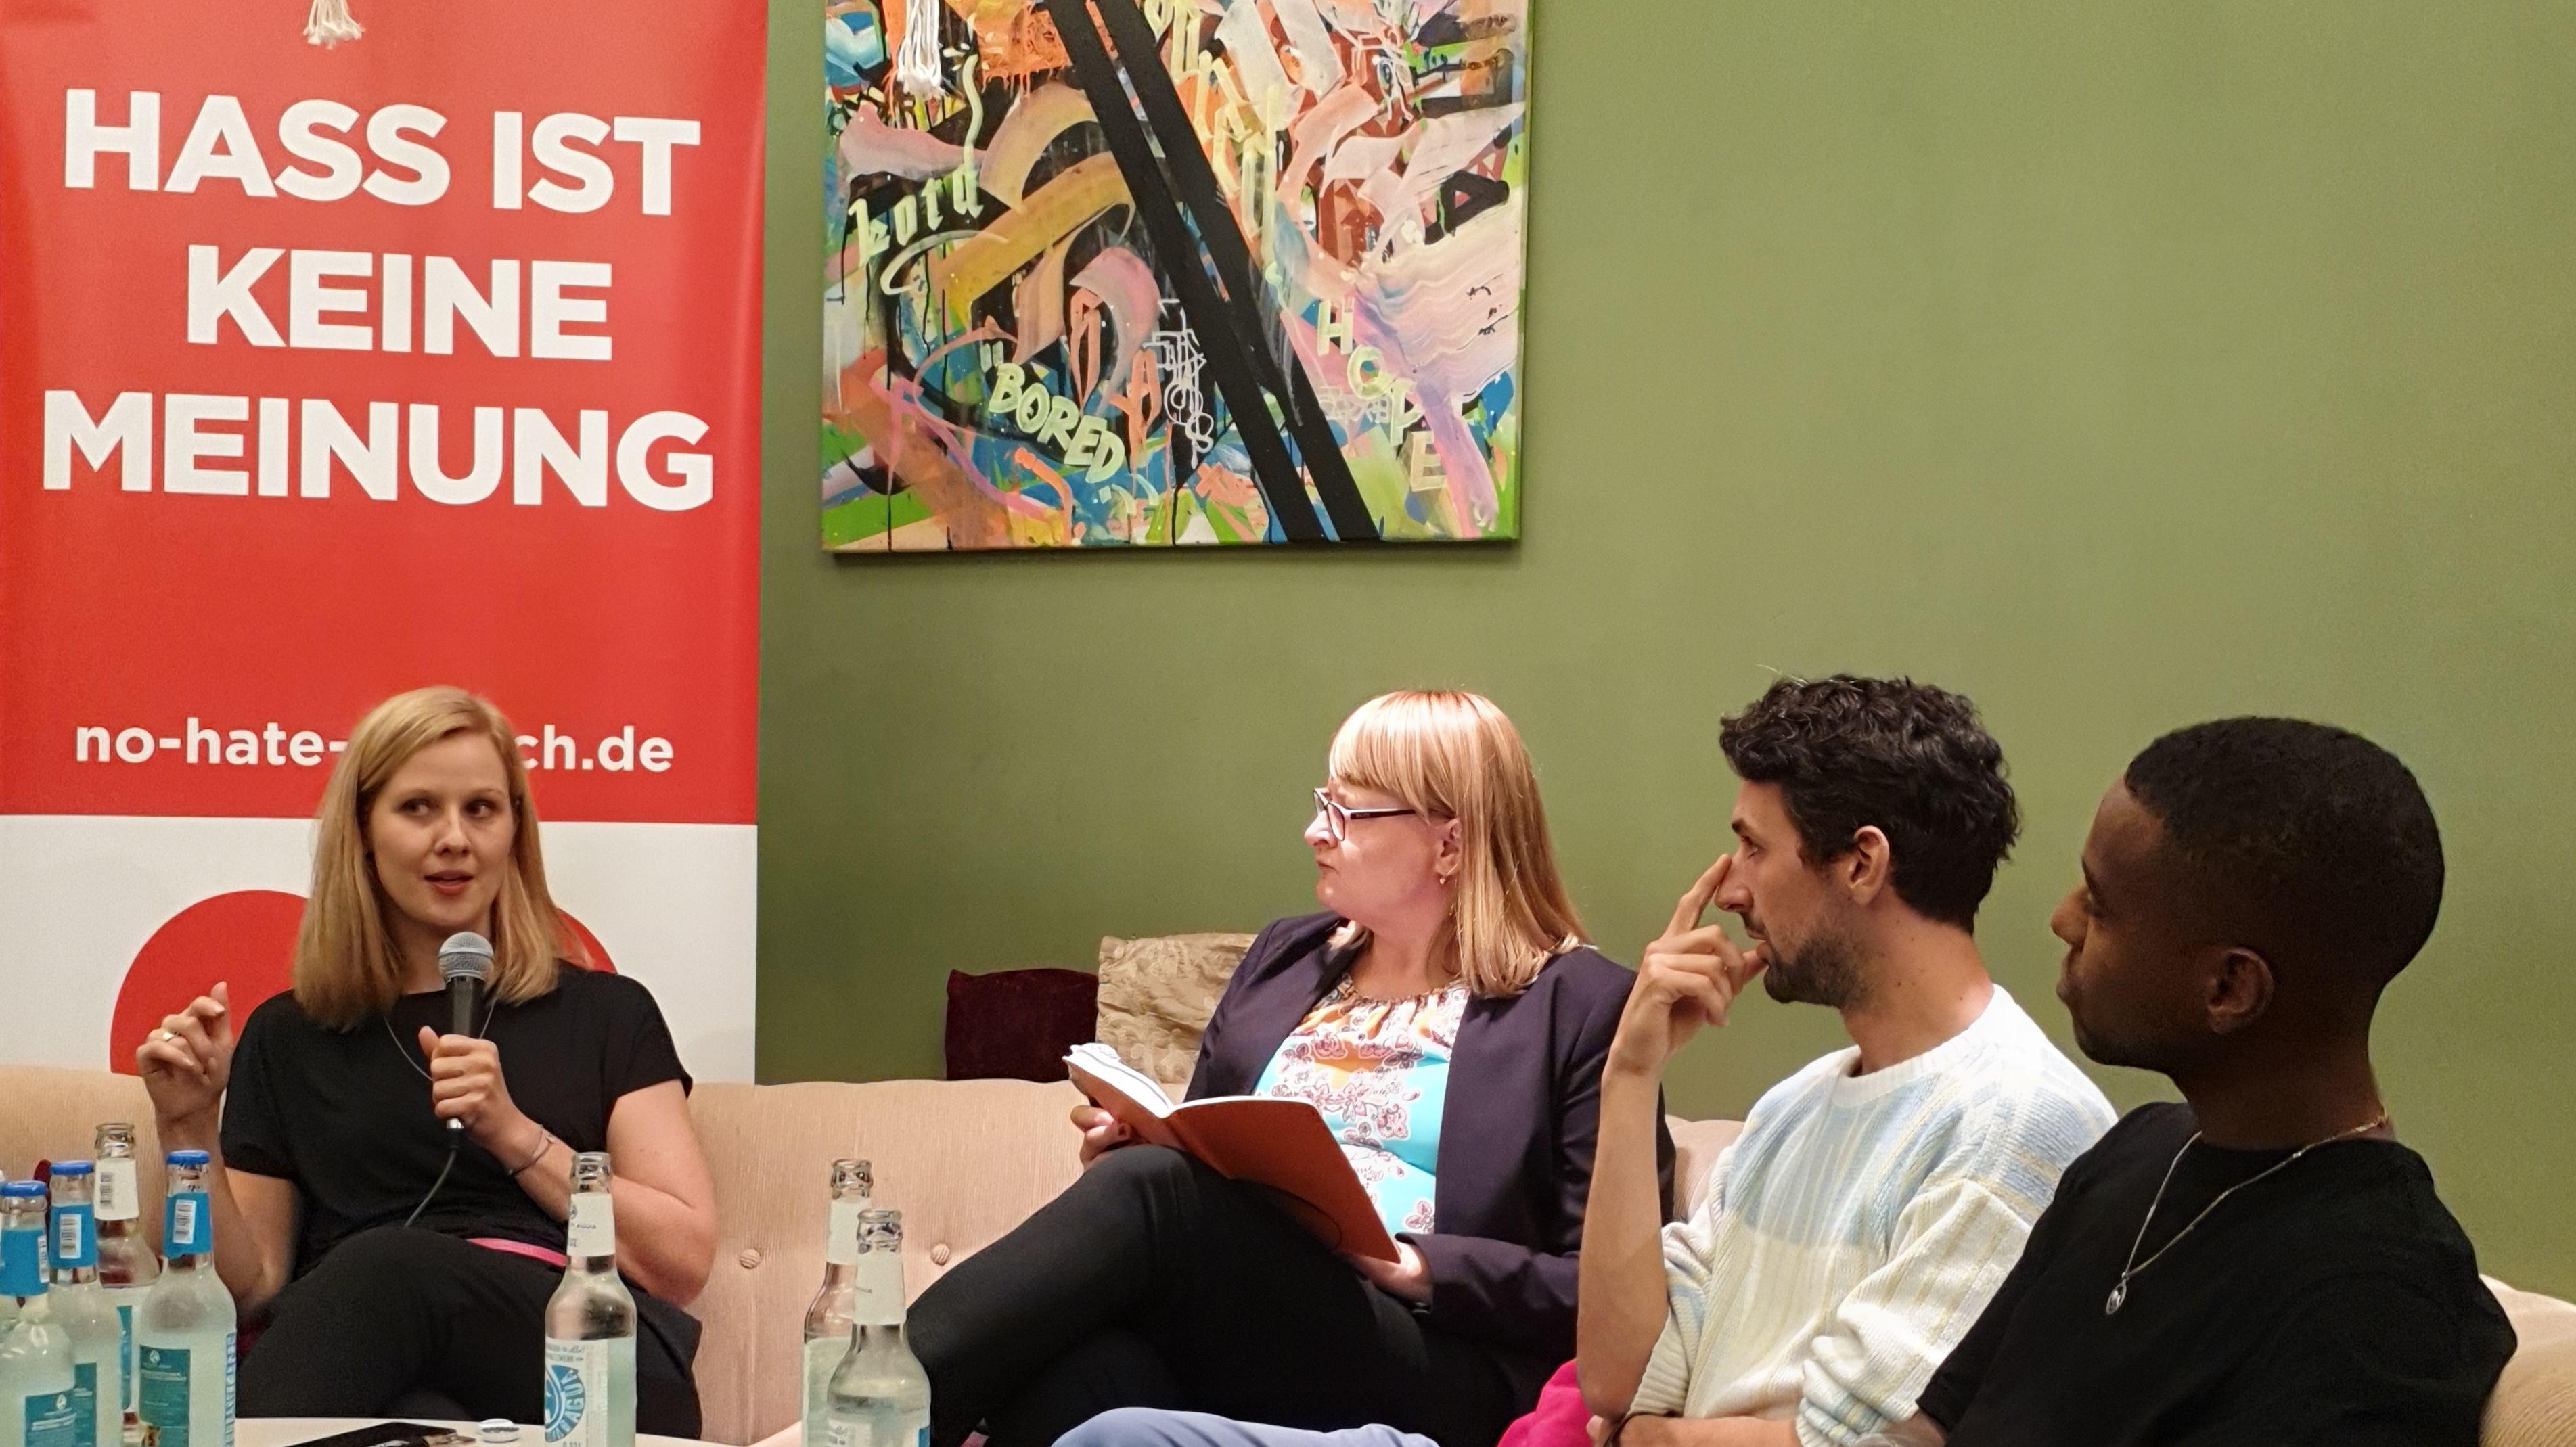 Zu sehen (vlnr): Nicole Diekmann (ZDF), Joanna Maria Stolarek (NdM), Raphael Thelen (SZ-Magazin), Tarik Tesfu (funk) NdM= Neue deutsche Medienmacher.